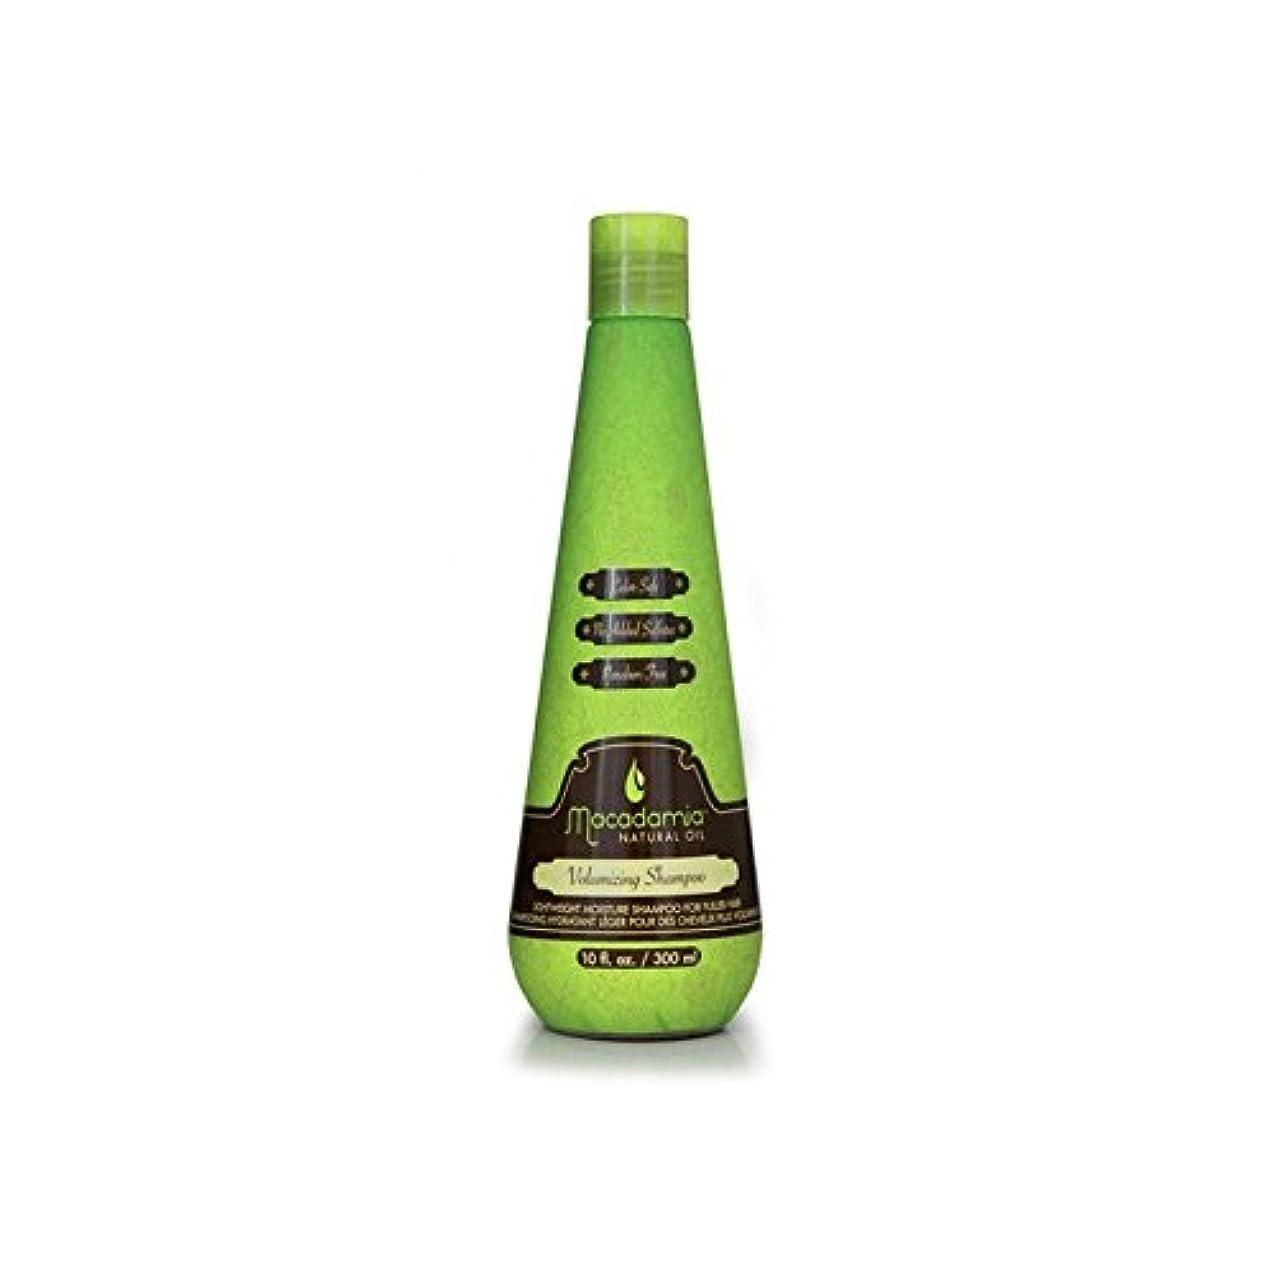 スプレー荒野義務づけるマカダミアシャンプー300ミリリットル x4 - Macadamia Volumising Shampoo 300ml (Pack of 4) [並行輸入品]